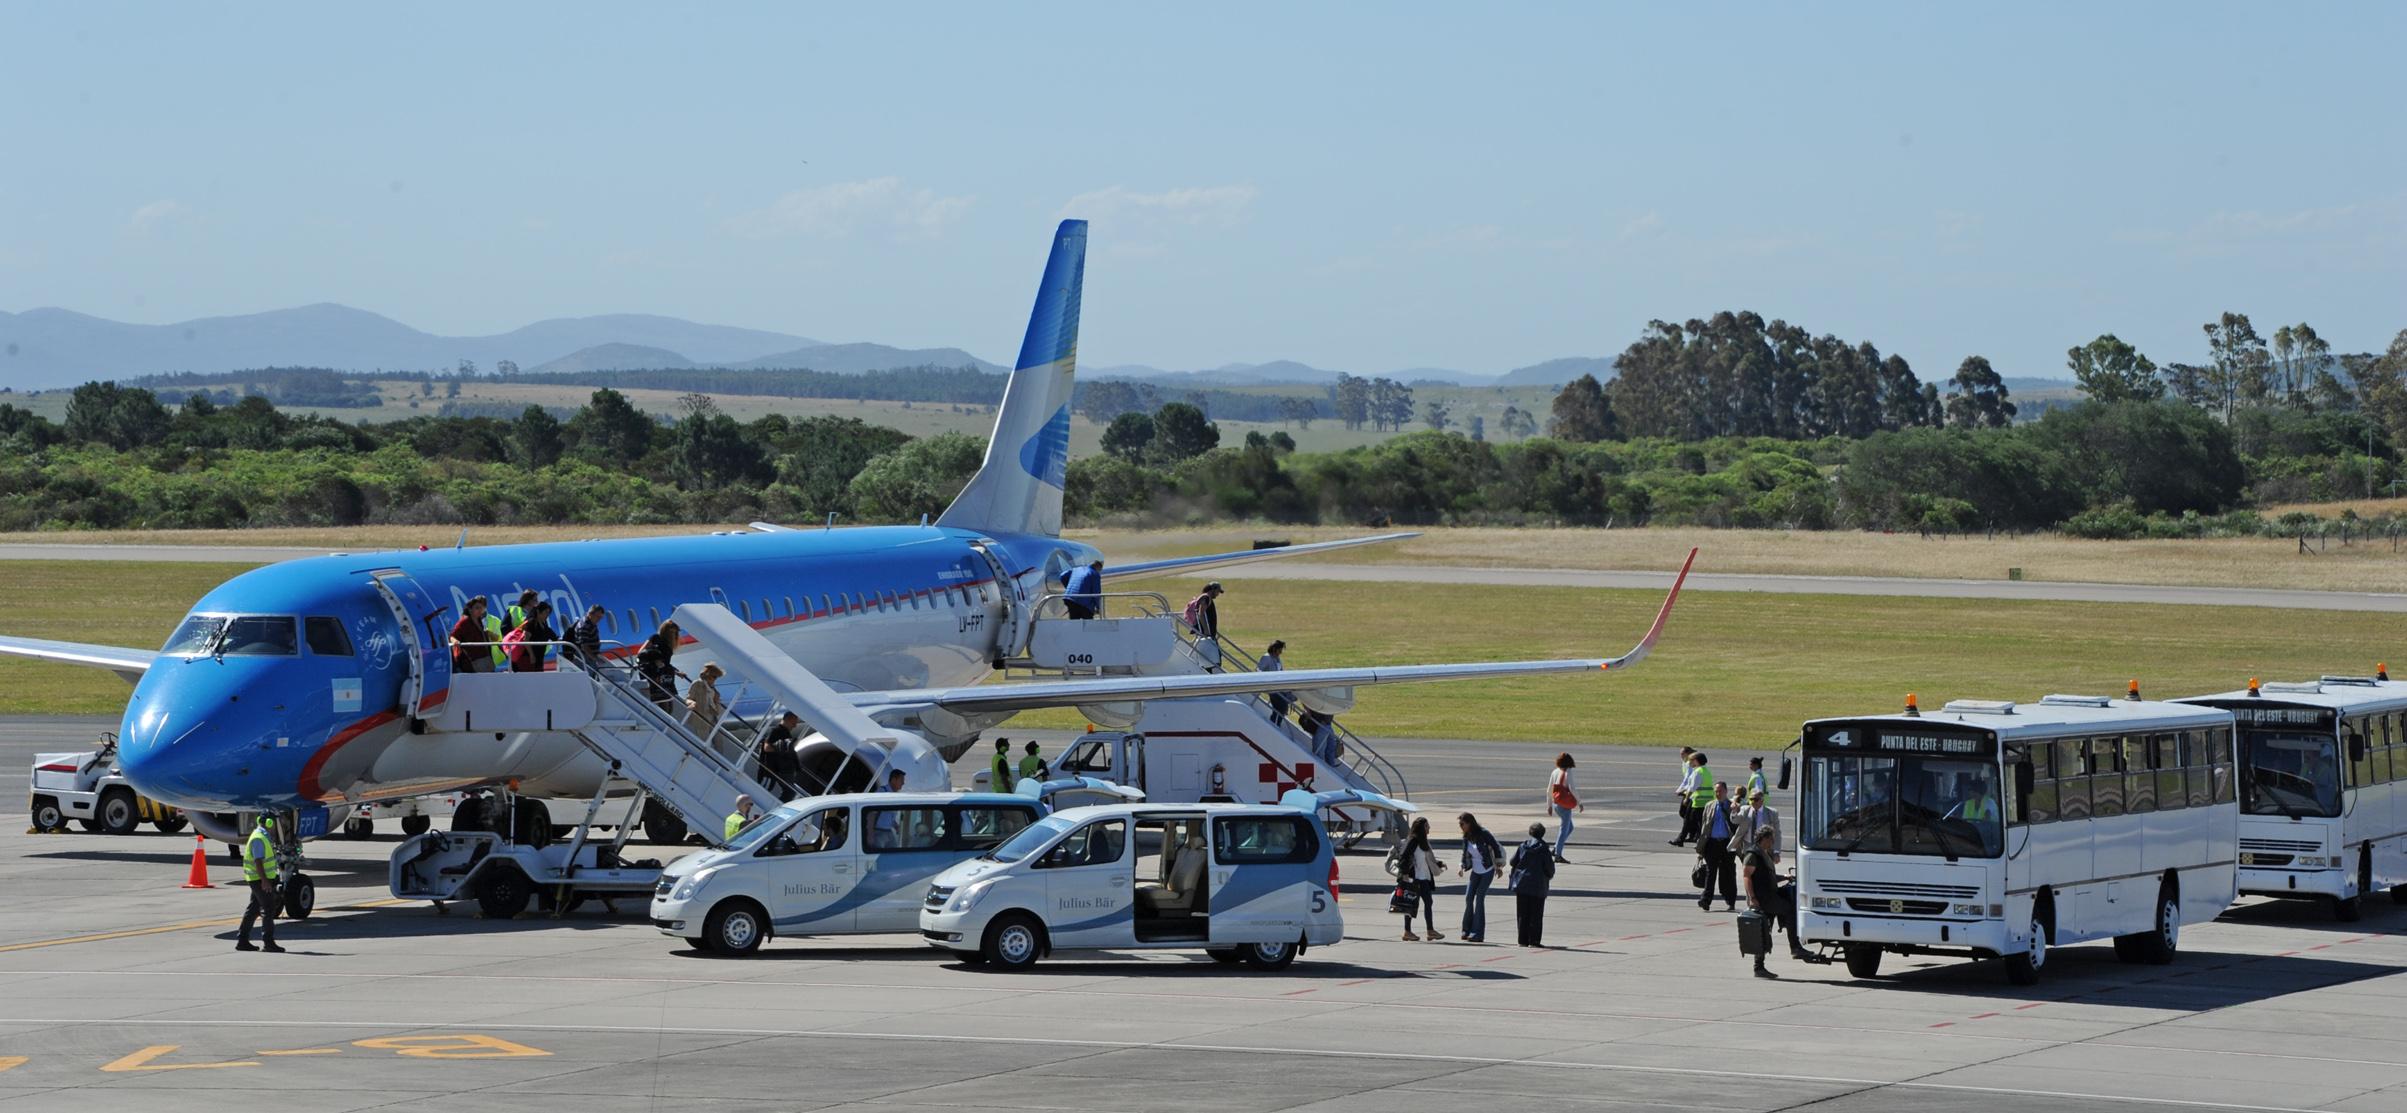 Resultado de imagen para aeropuerto laguna del sauce punta del este aerolineas argentinas